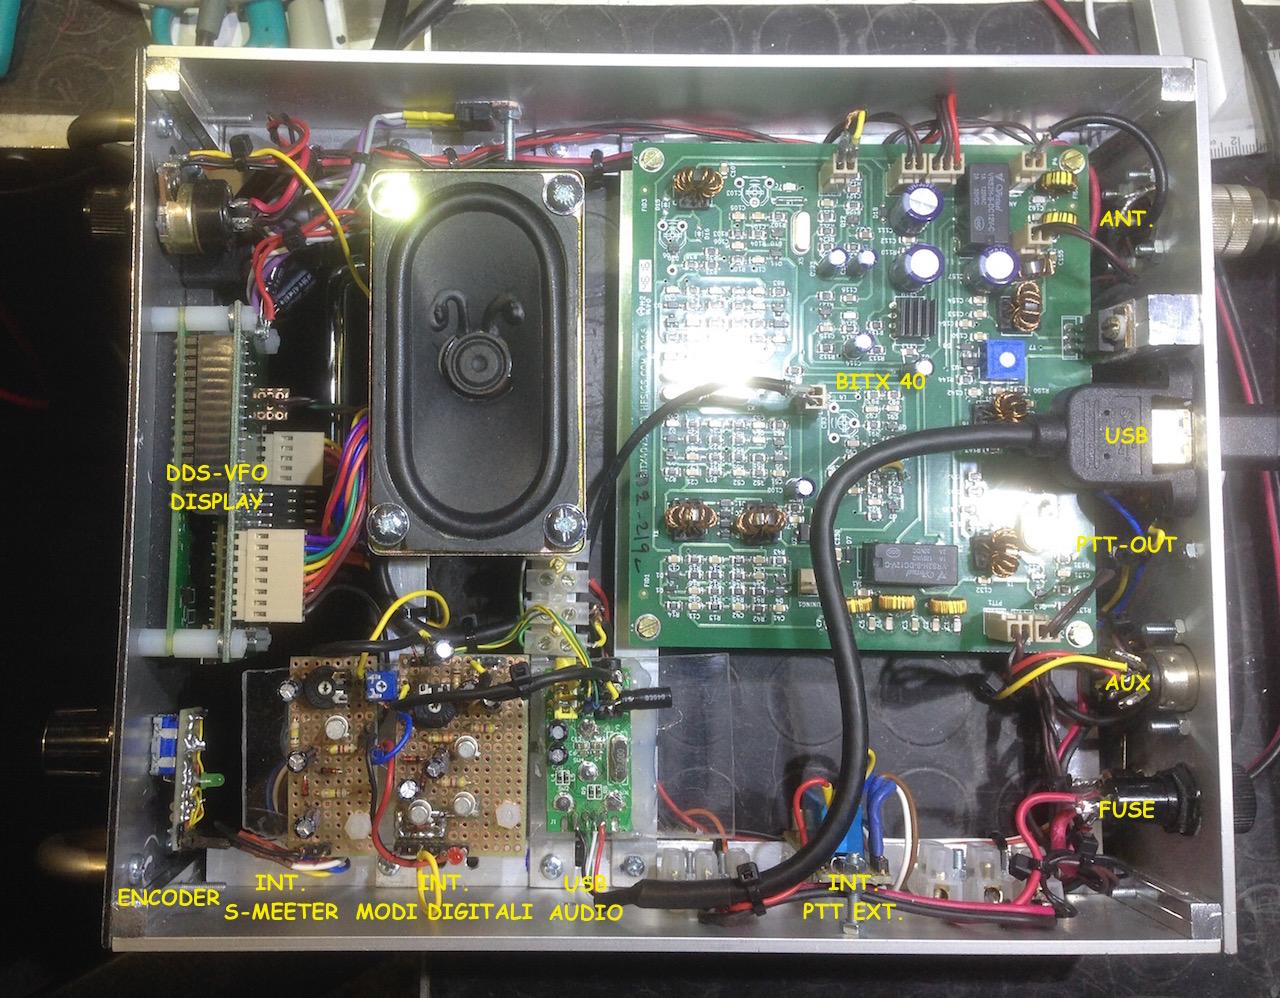 RTX Bitx40 psk31